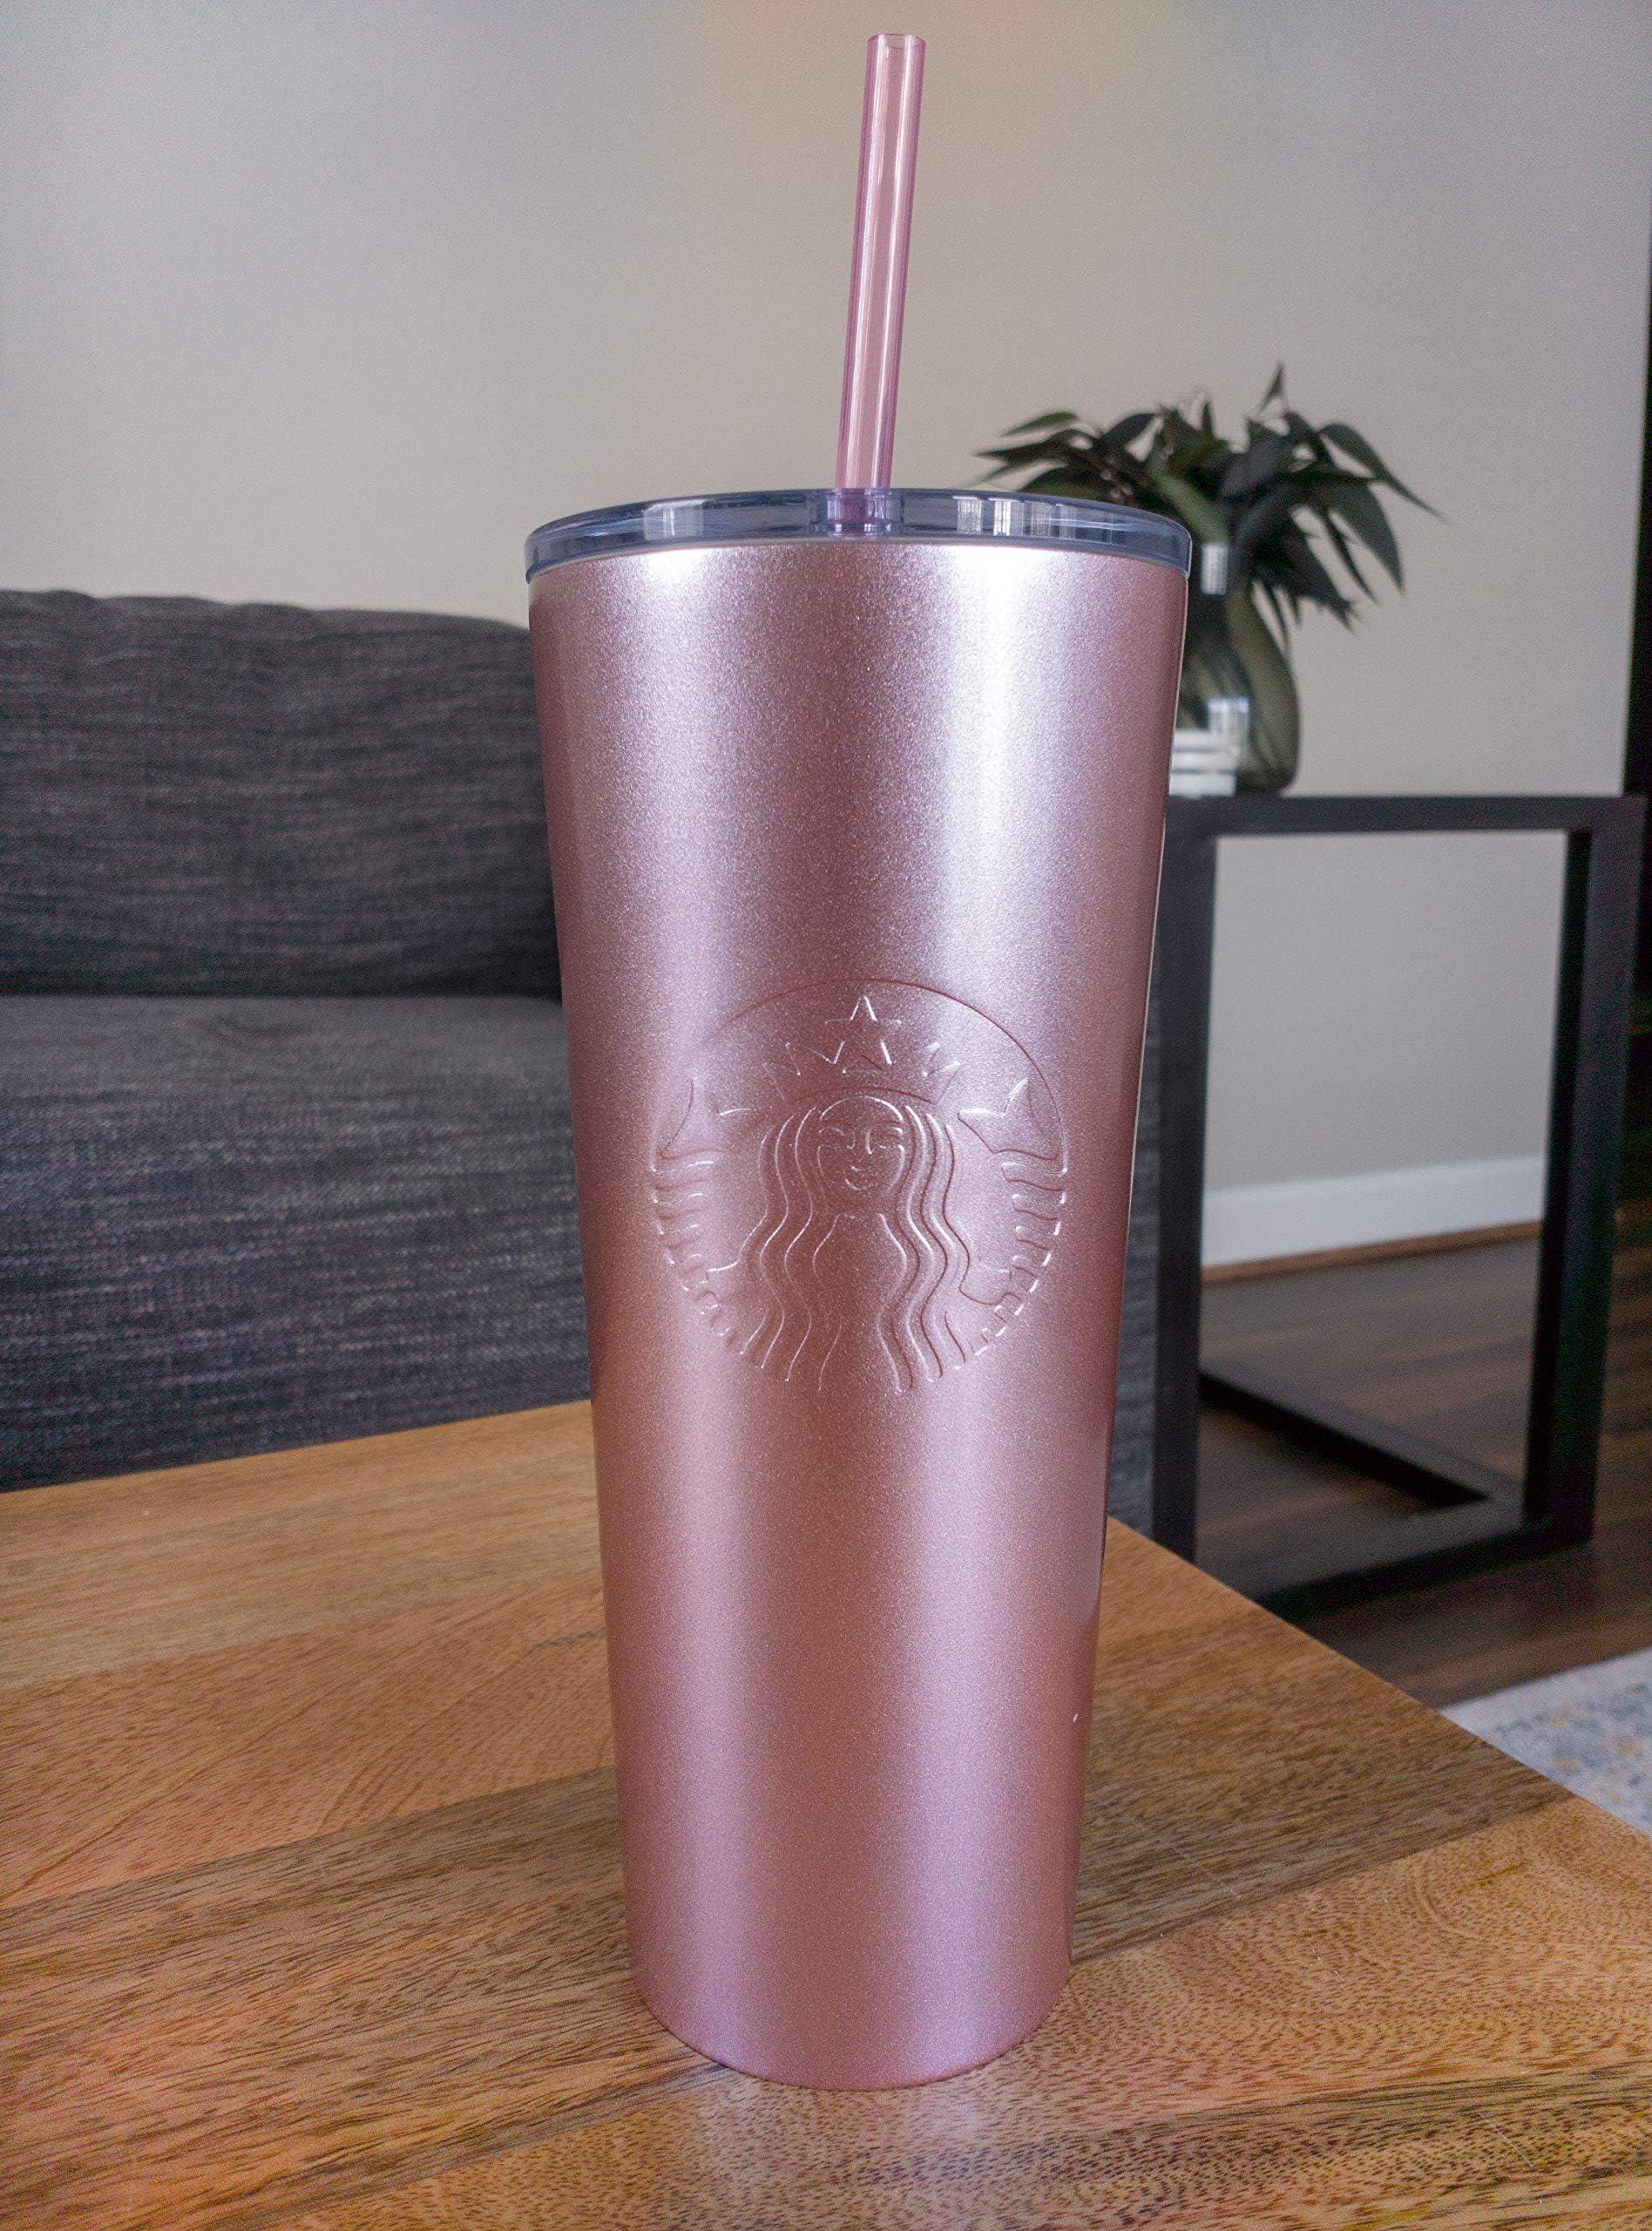 Starbucks Tumbler Thermobecher Edelstahl Ombre rot-pink mit Schriftzug 16oz NEU